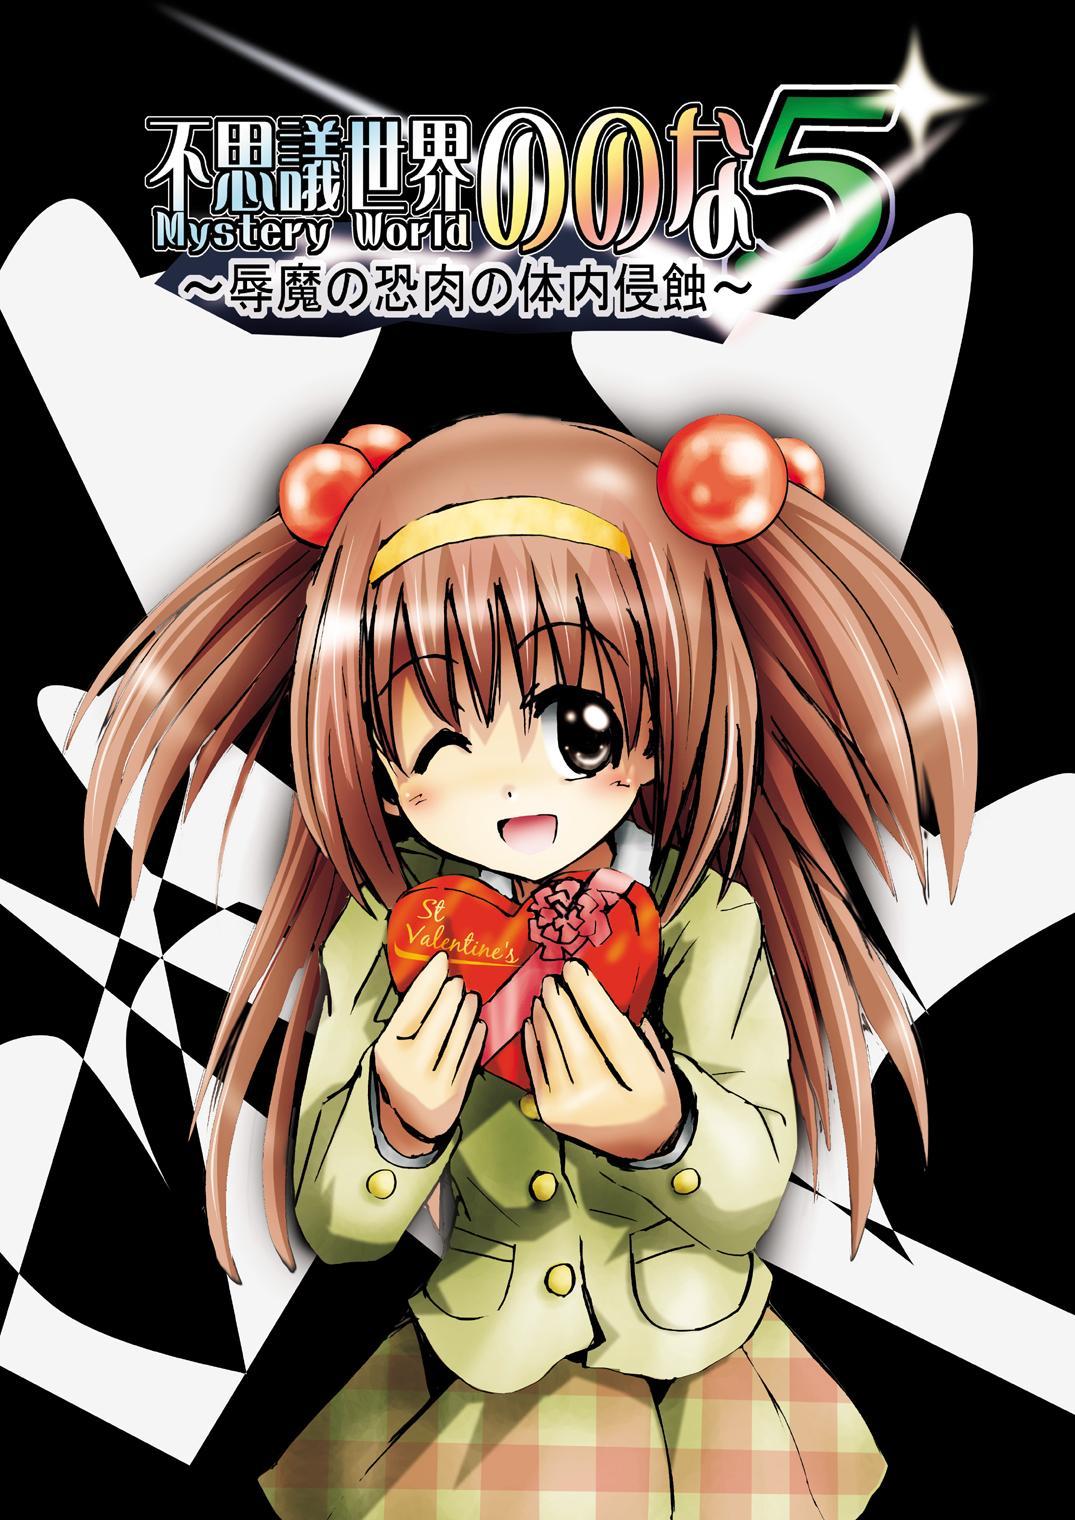 [Dende] Fushigi Sekai -Mystery World- Nonoha 5 ~Jokuma no Kyouniku no Tainai Shinshoku~ 11